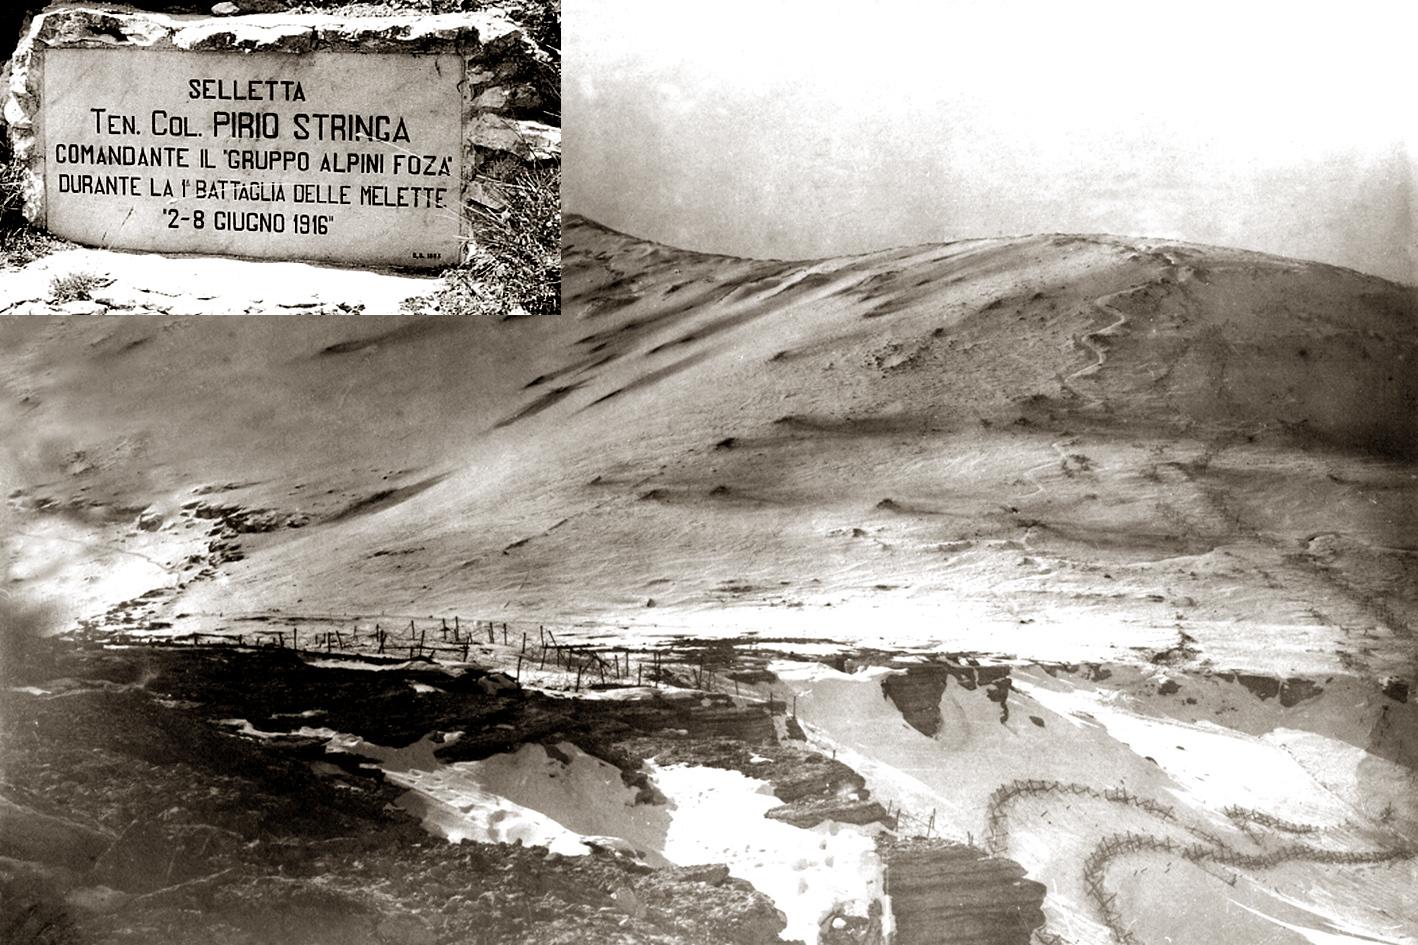 06 - Immagine della seletta Stringa nei mesi invernali del 1918 - ASDM.JPG